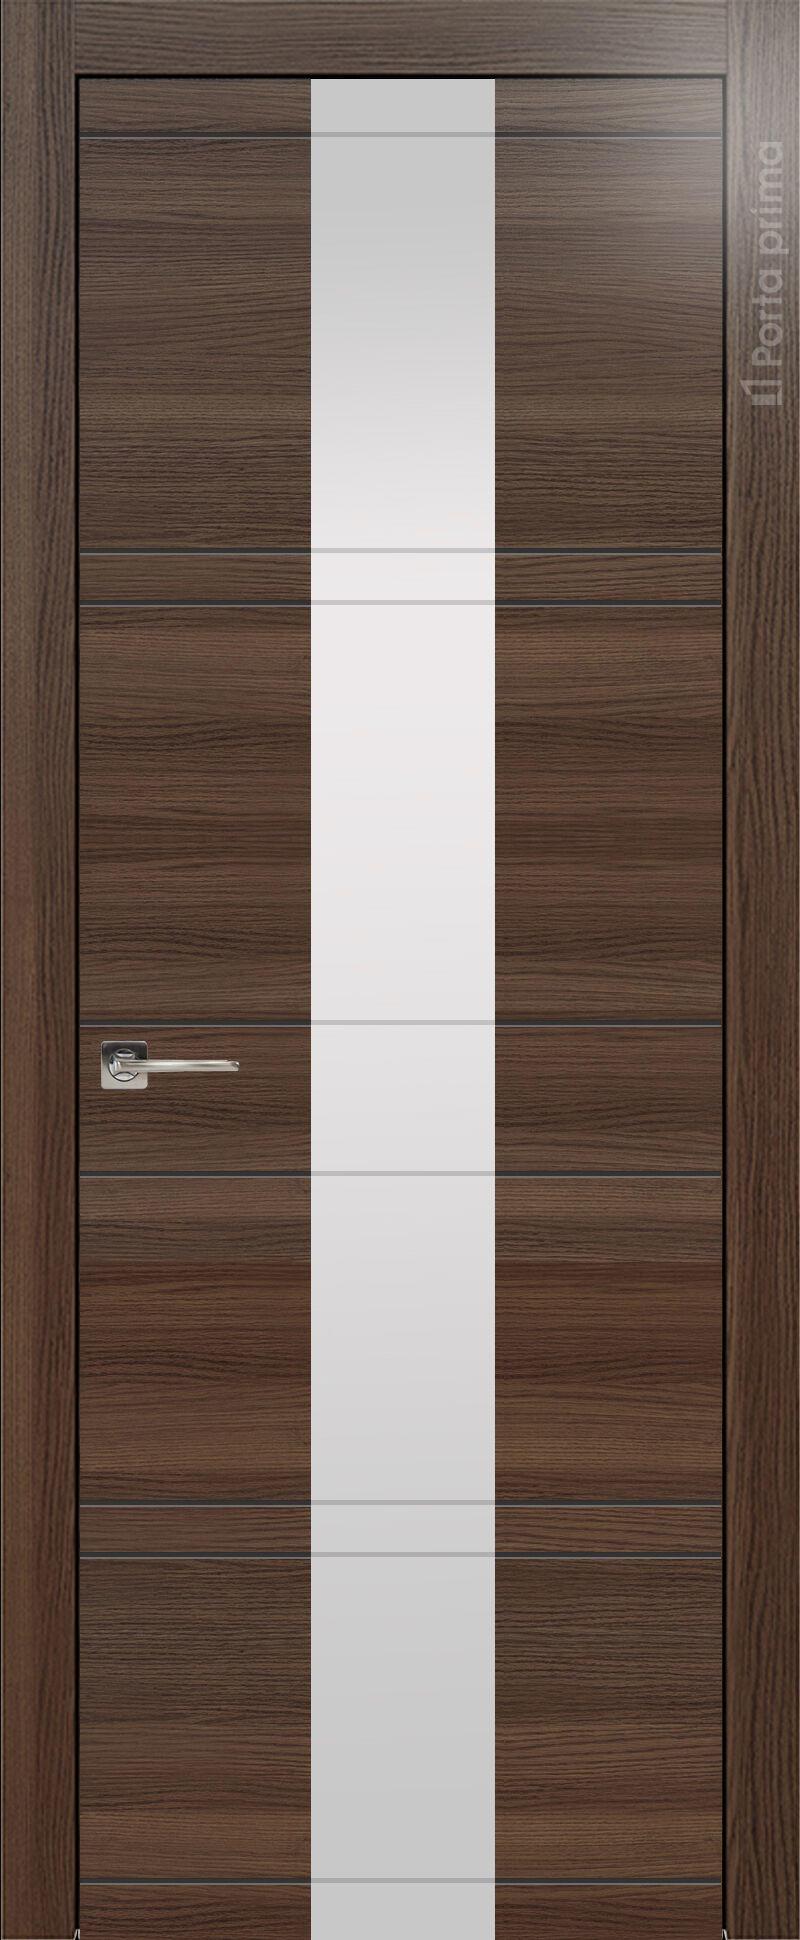 Tivoli Ж-2 цвет - Дуб торонто Со стеклом (ДО)